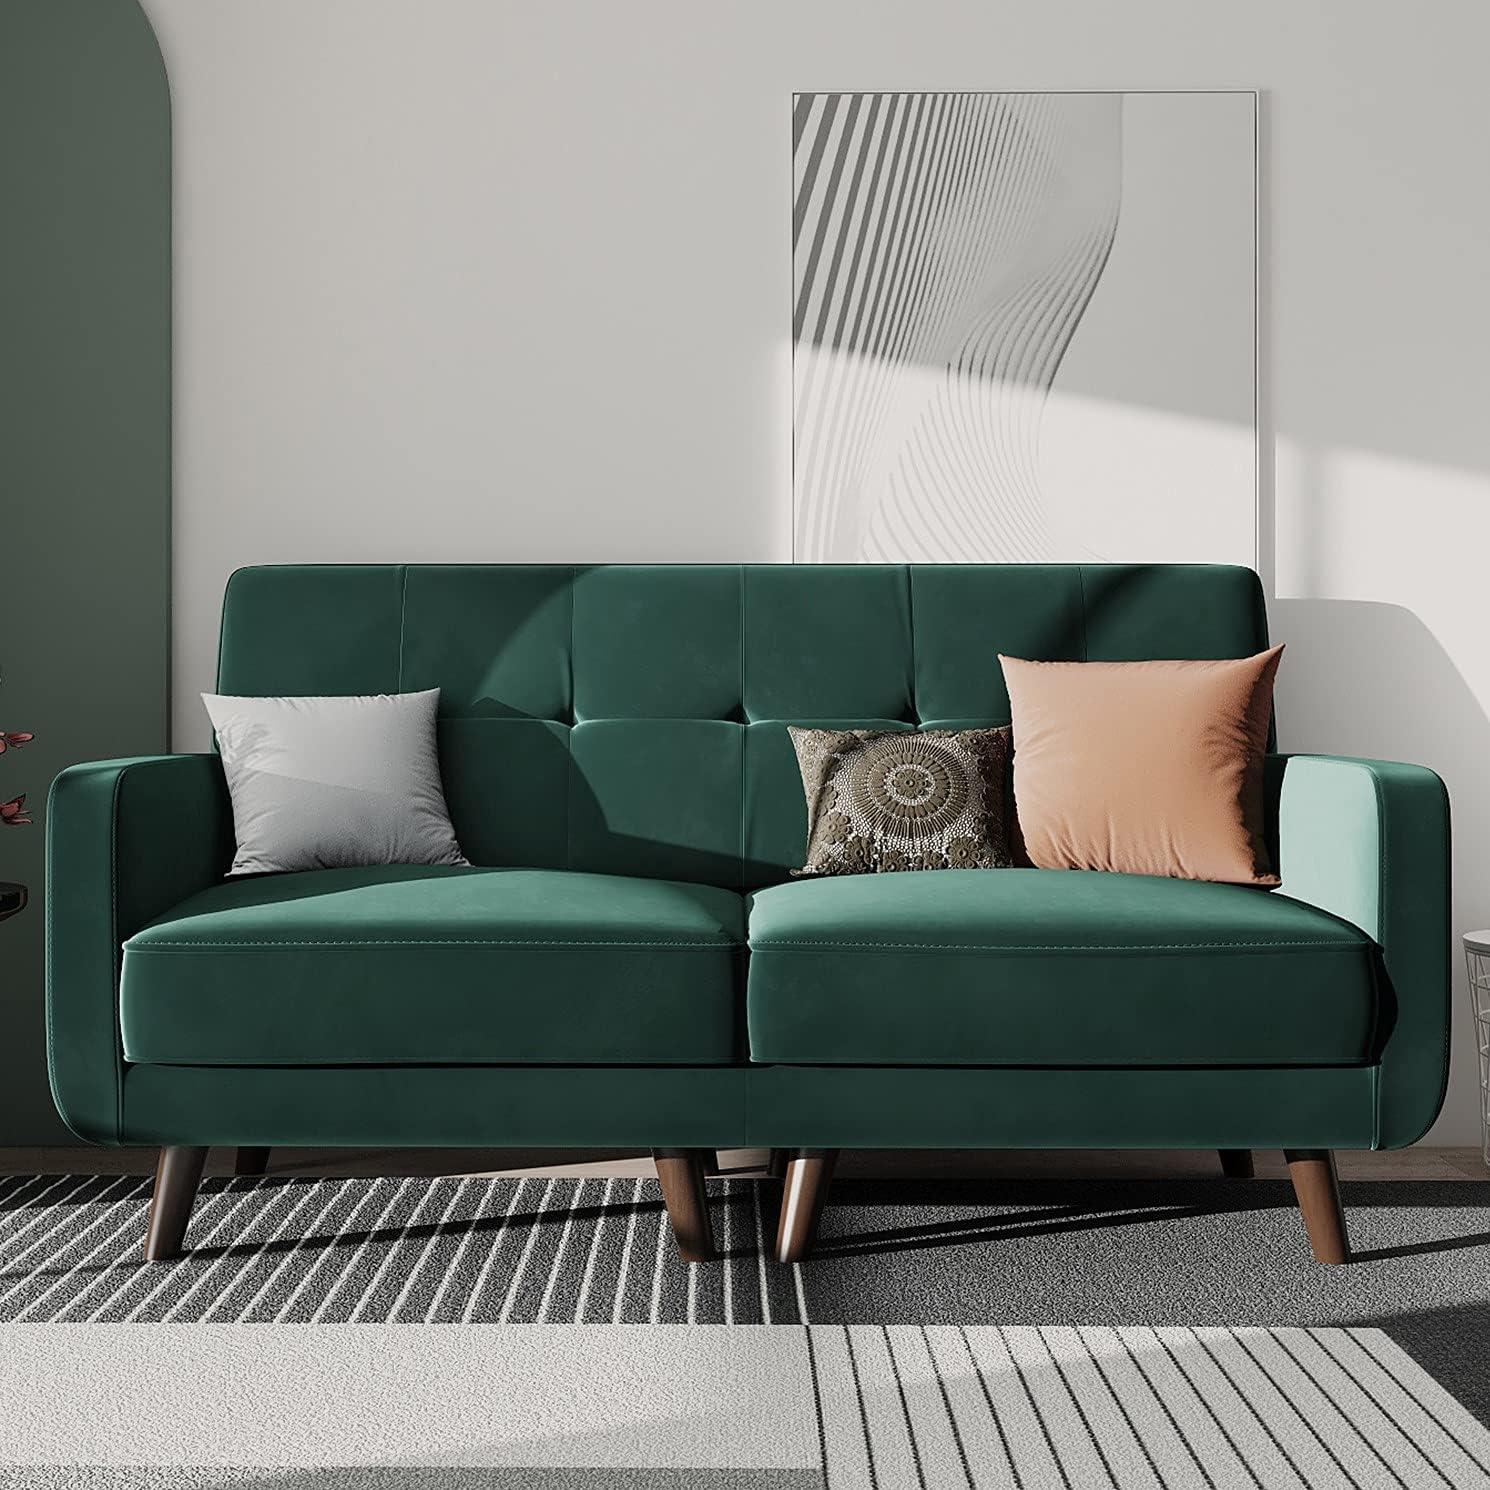 OFFer HONBAY Tufted Velvet Fabric Loveseat Import Living Sofa U Seater Room 2